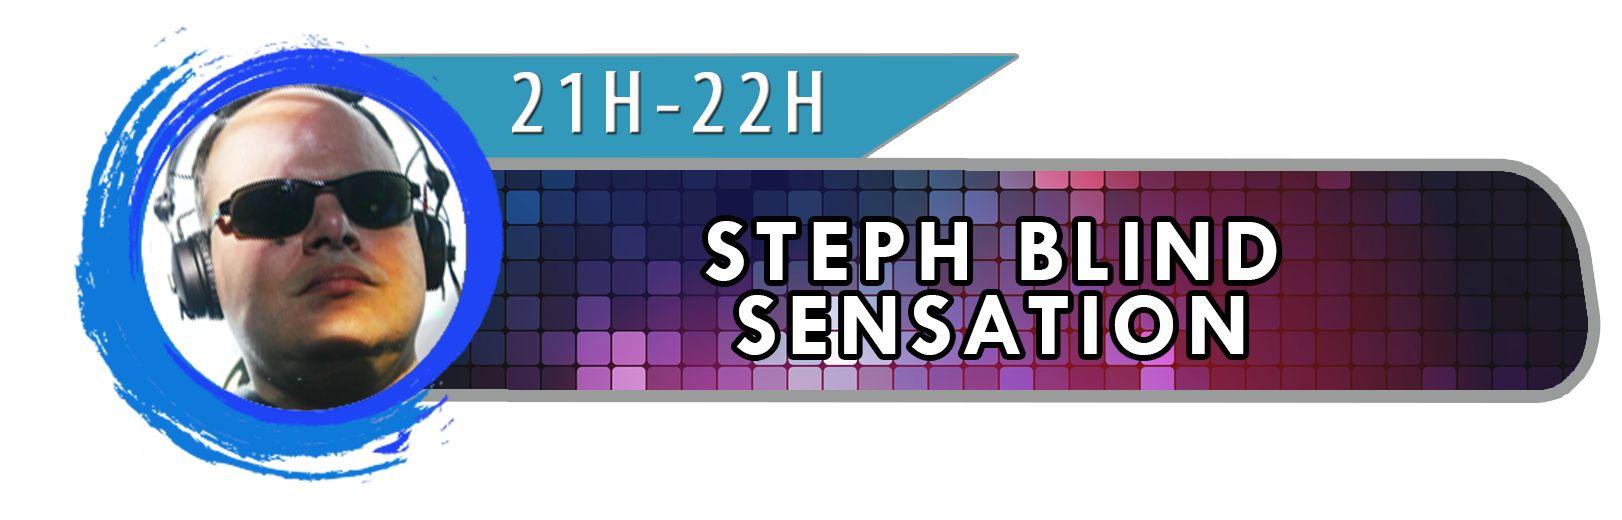 Bandeau DJ Steph Blind Sensation